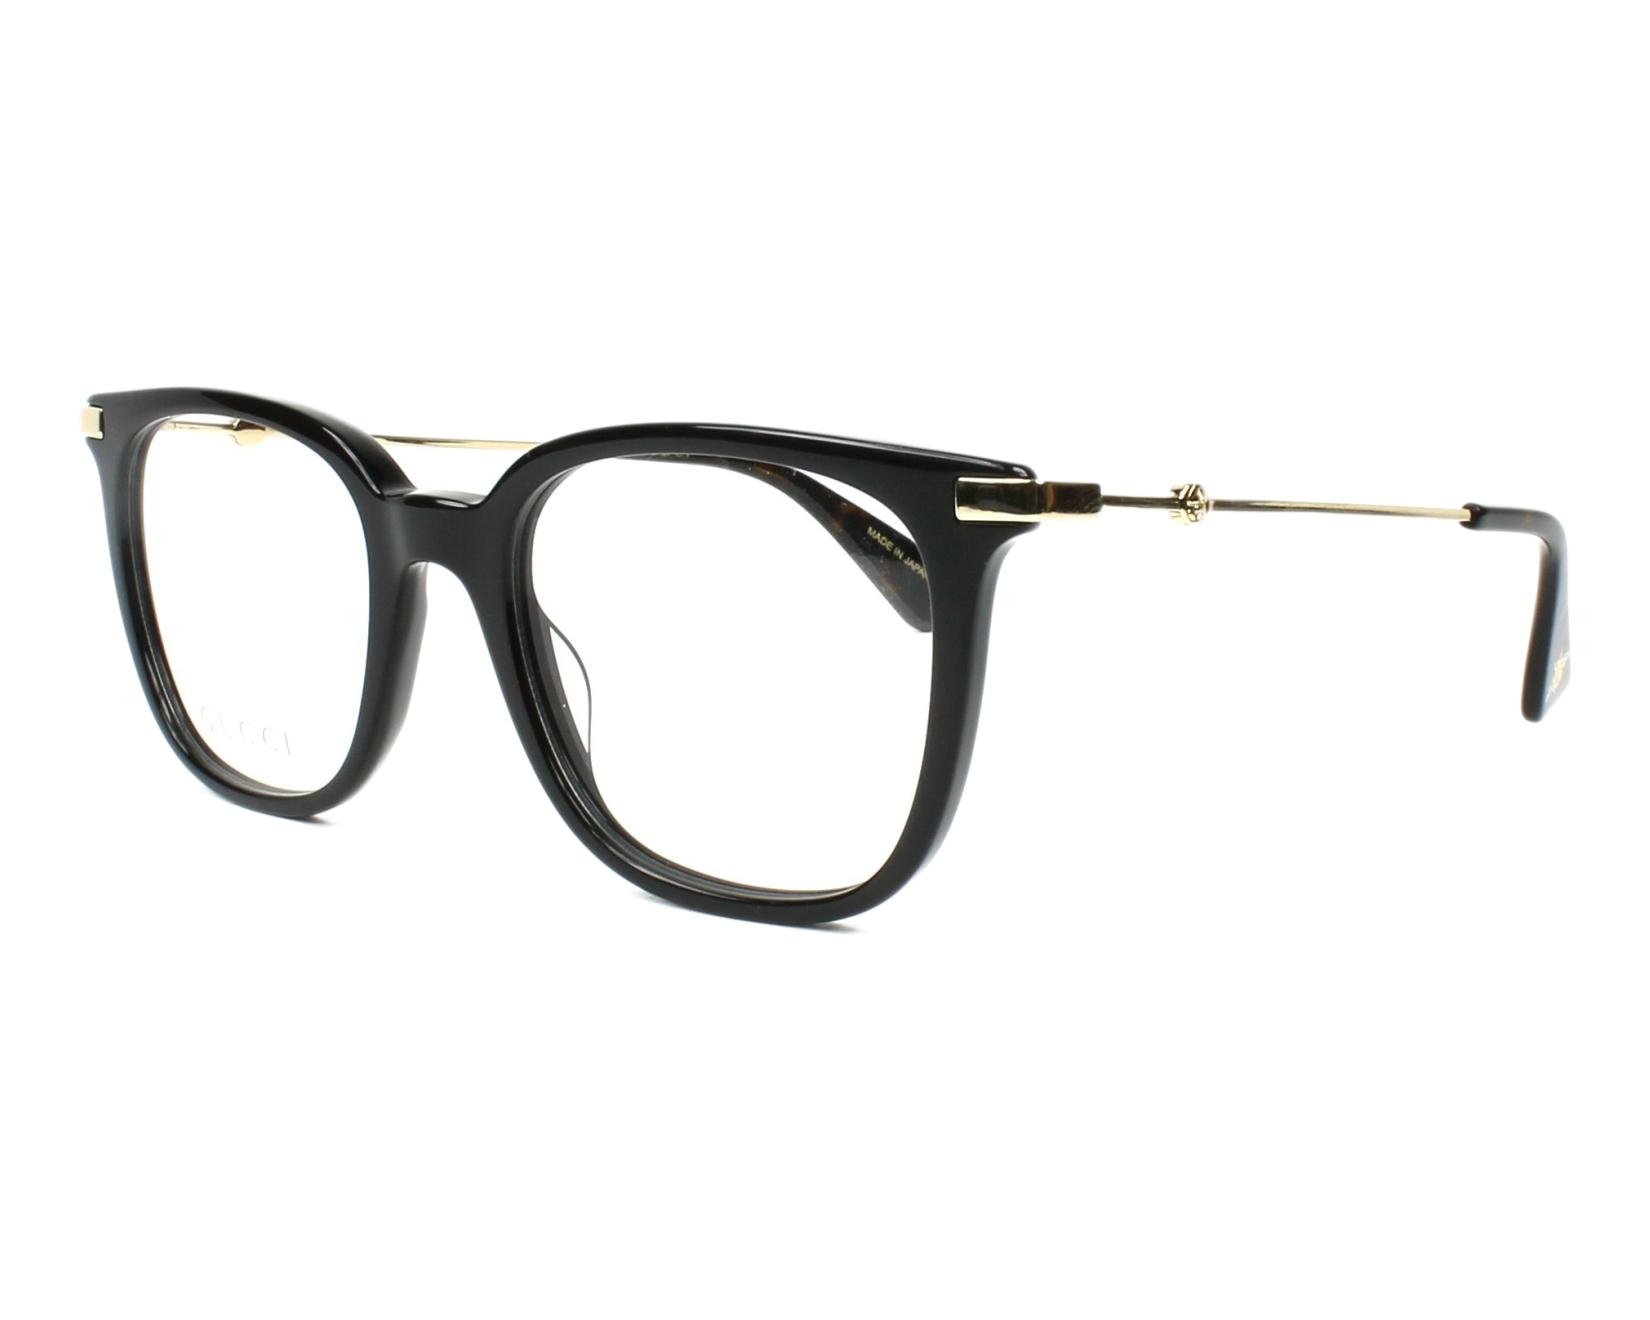 Kaufen Sie Ihre Gucci Brille GG-01100 001 Online - Visionet